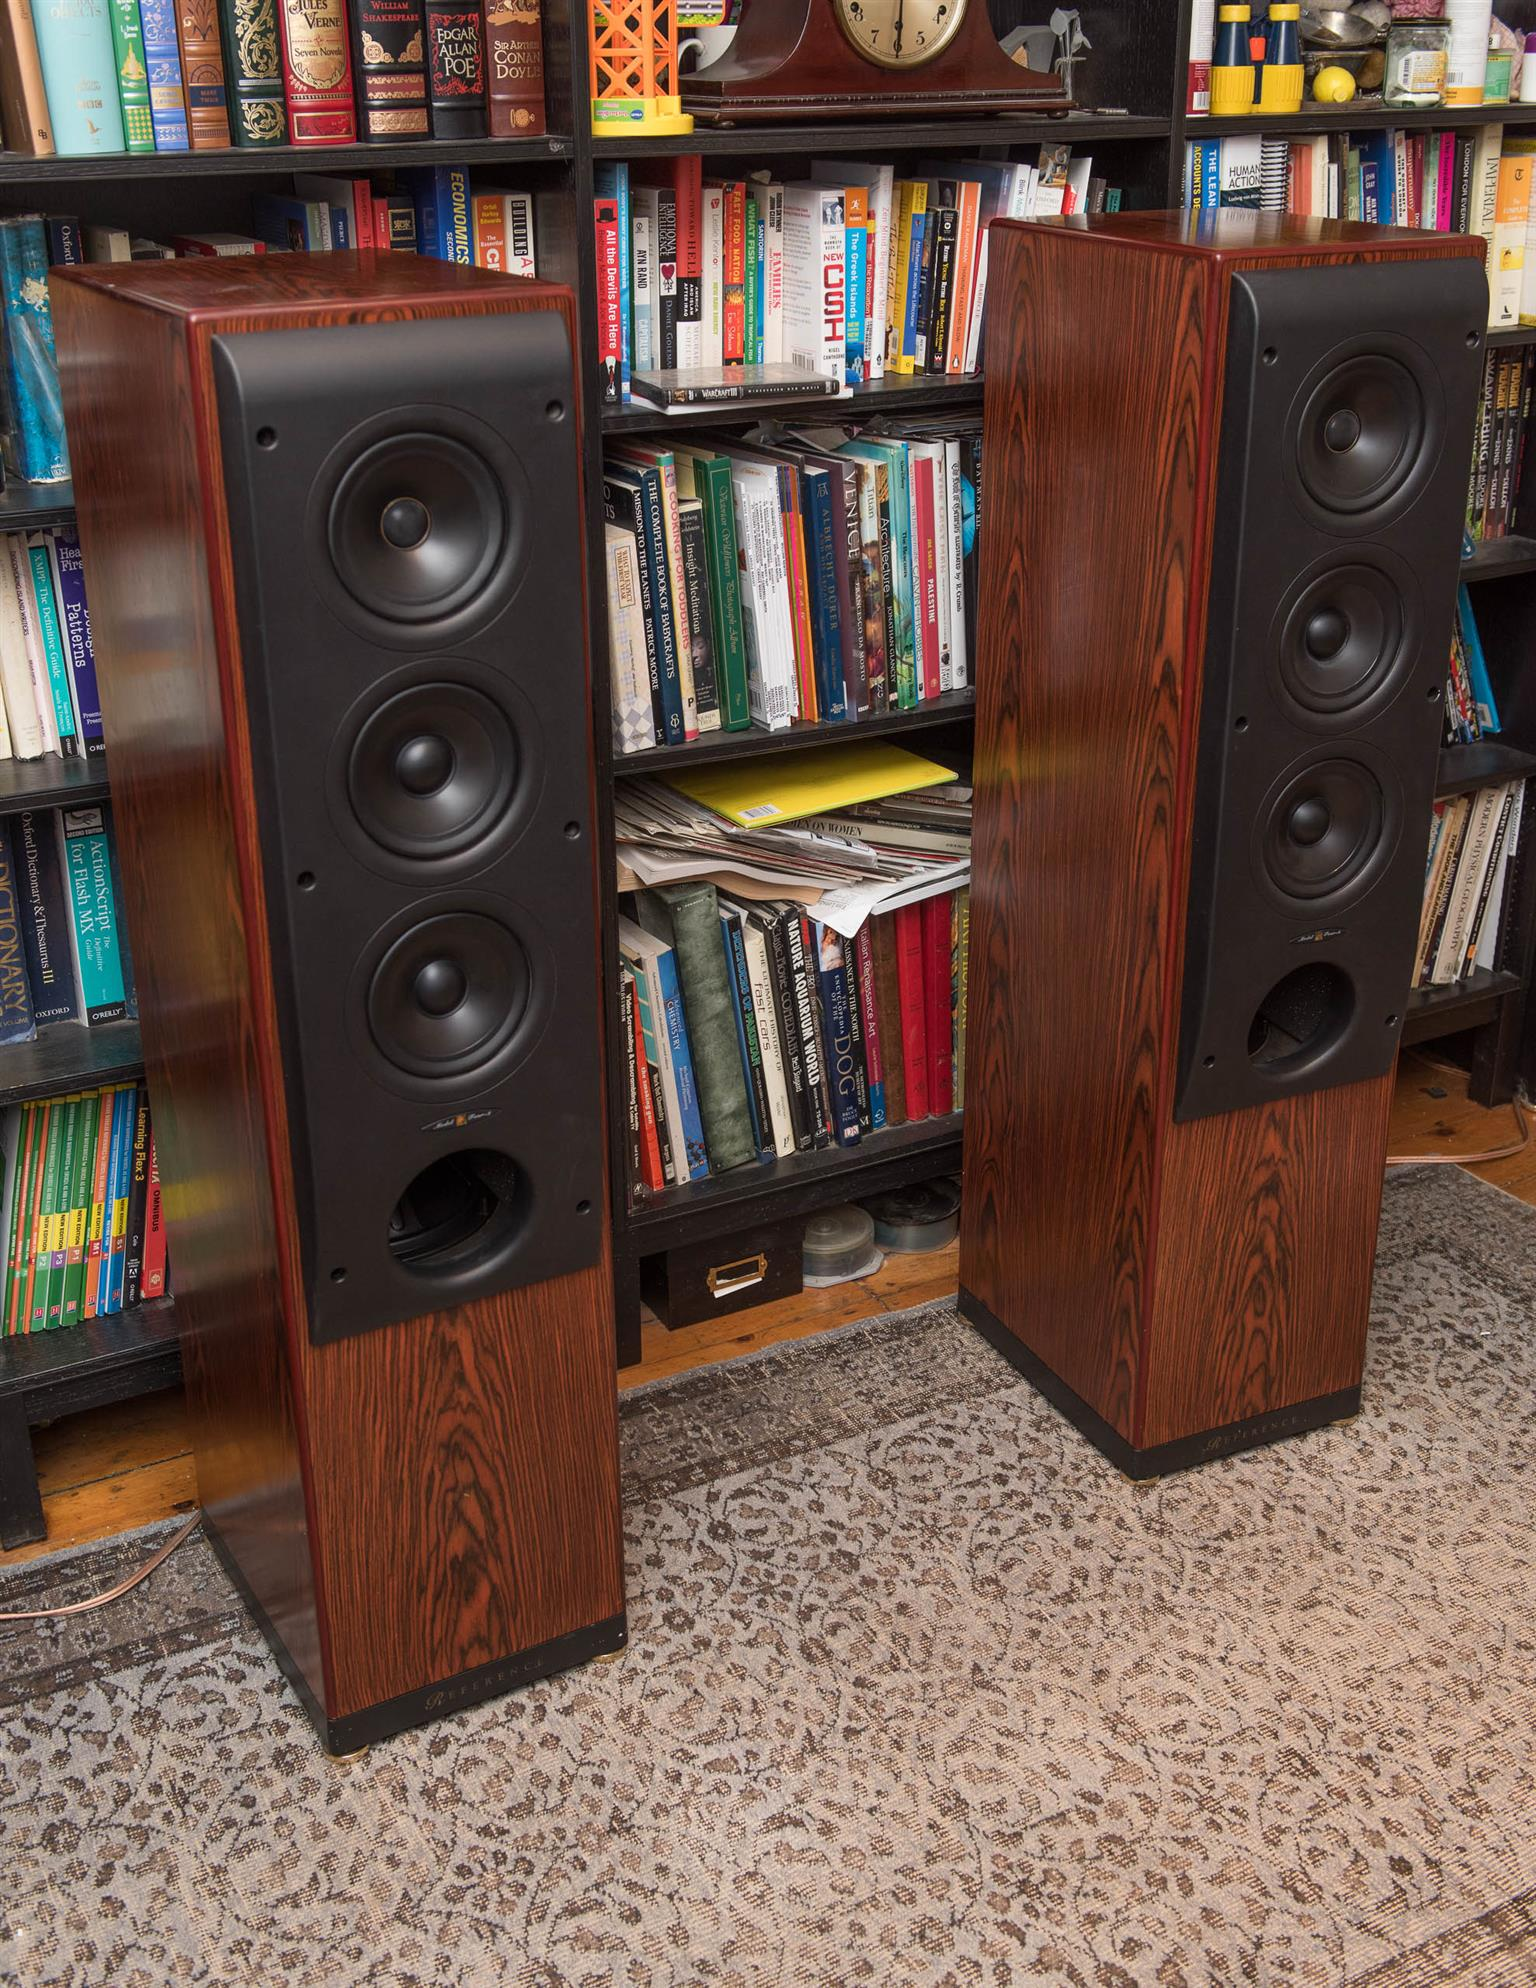 KEF REFERENCE MODEL 4 TOWER LOUDSPEAKERS